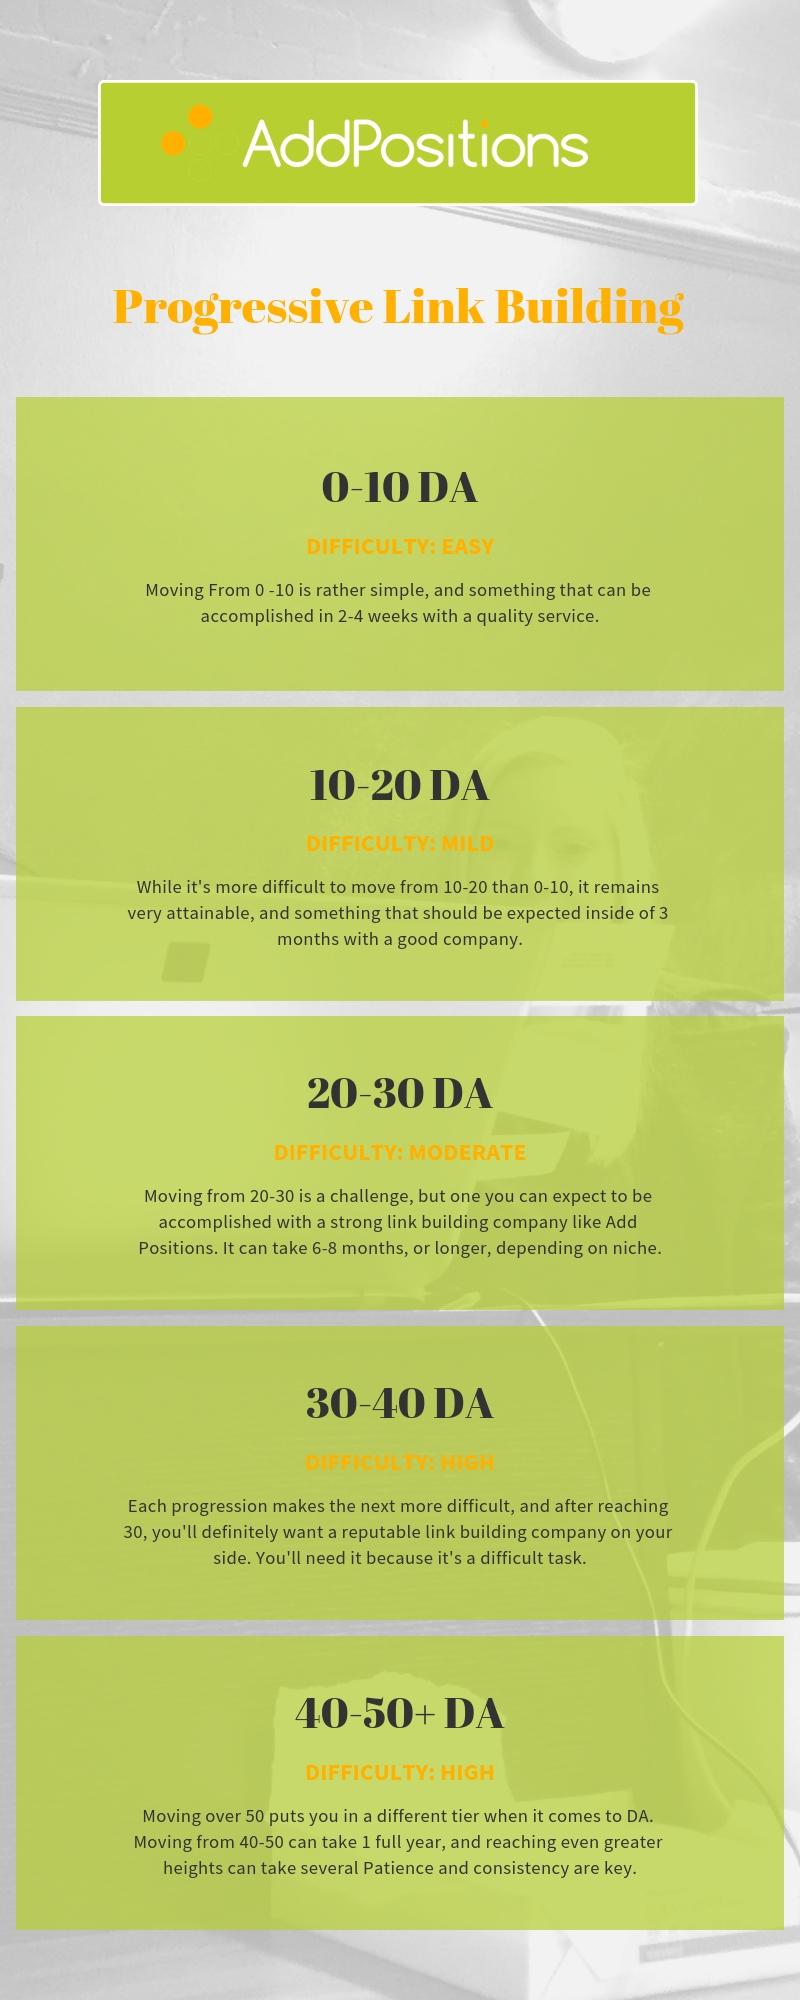 Progressive Link Building Timeline